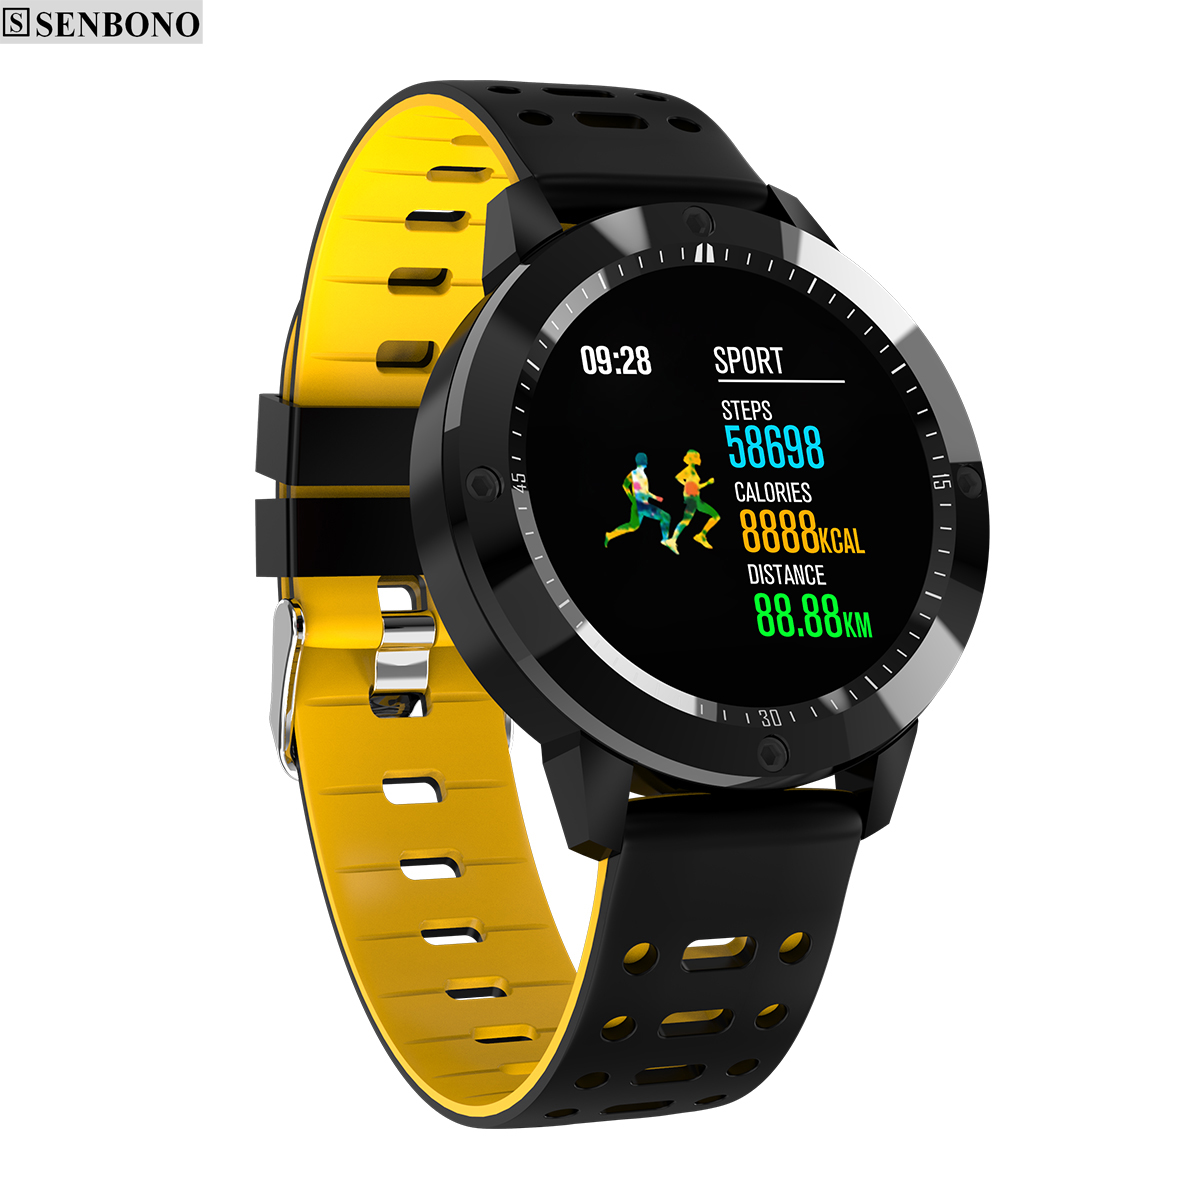 d491f7a51 SENBONO CF58 ساعة ذكية IP67 للماء الزجاج المقسى النشاط جهاز تعقب للياقة  البدنية مراقب معدل ضربات